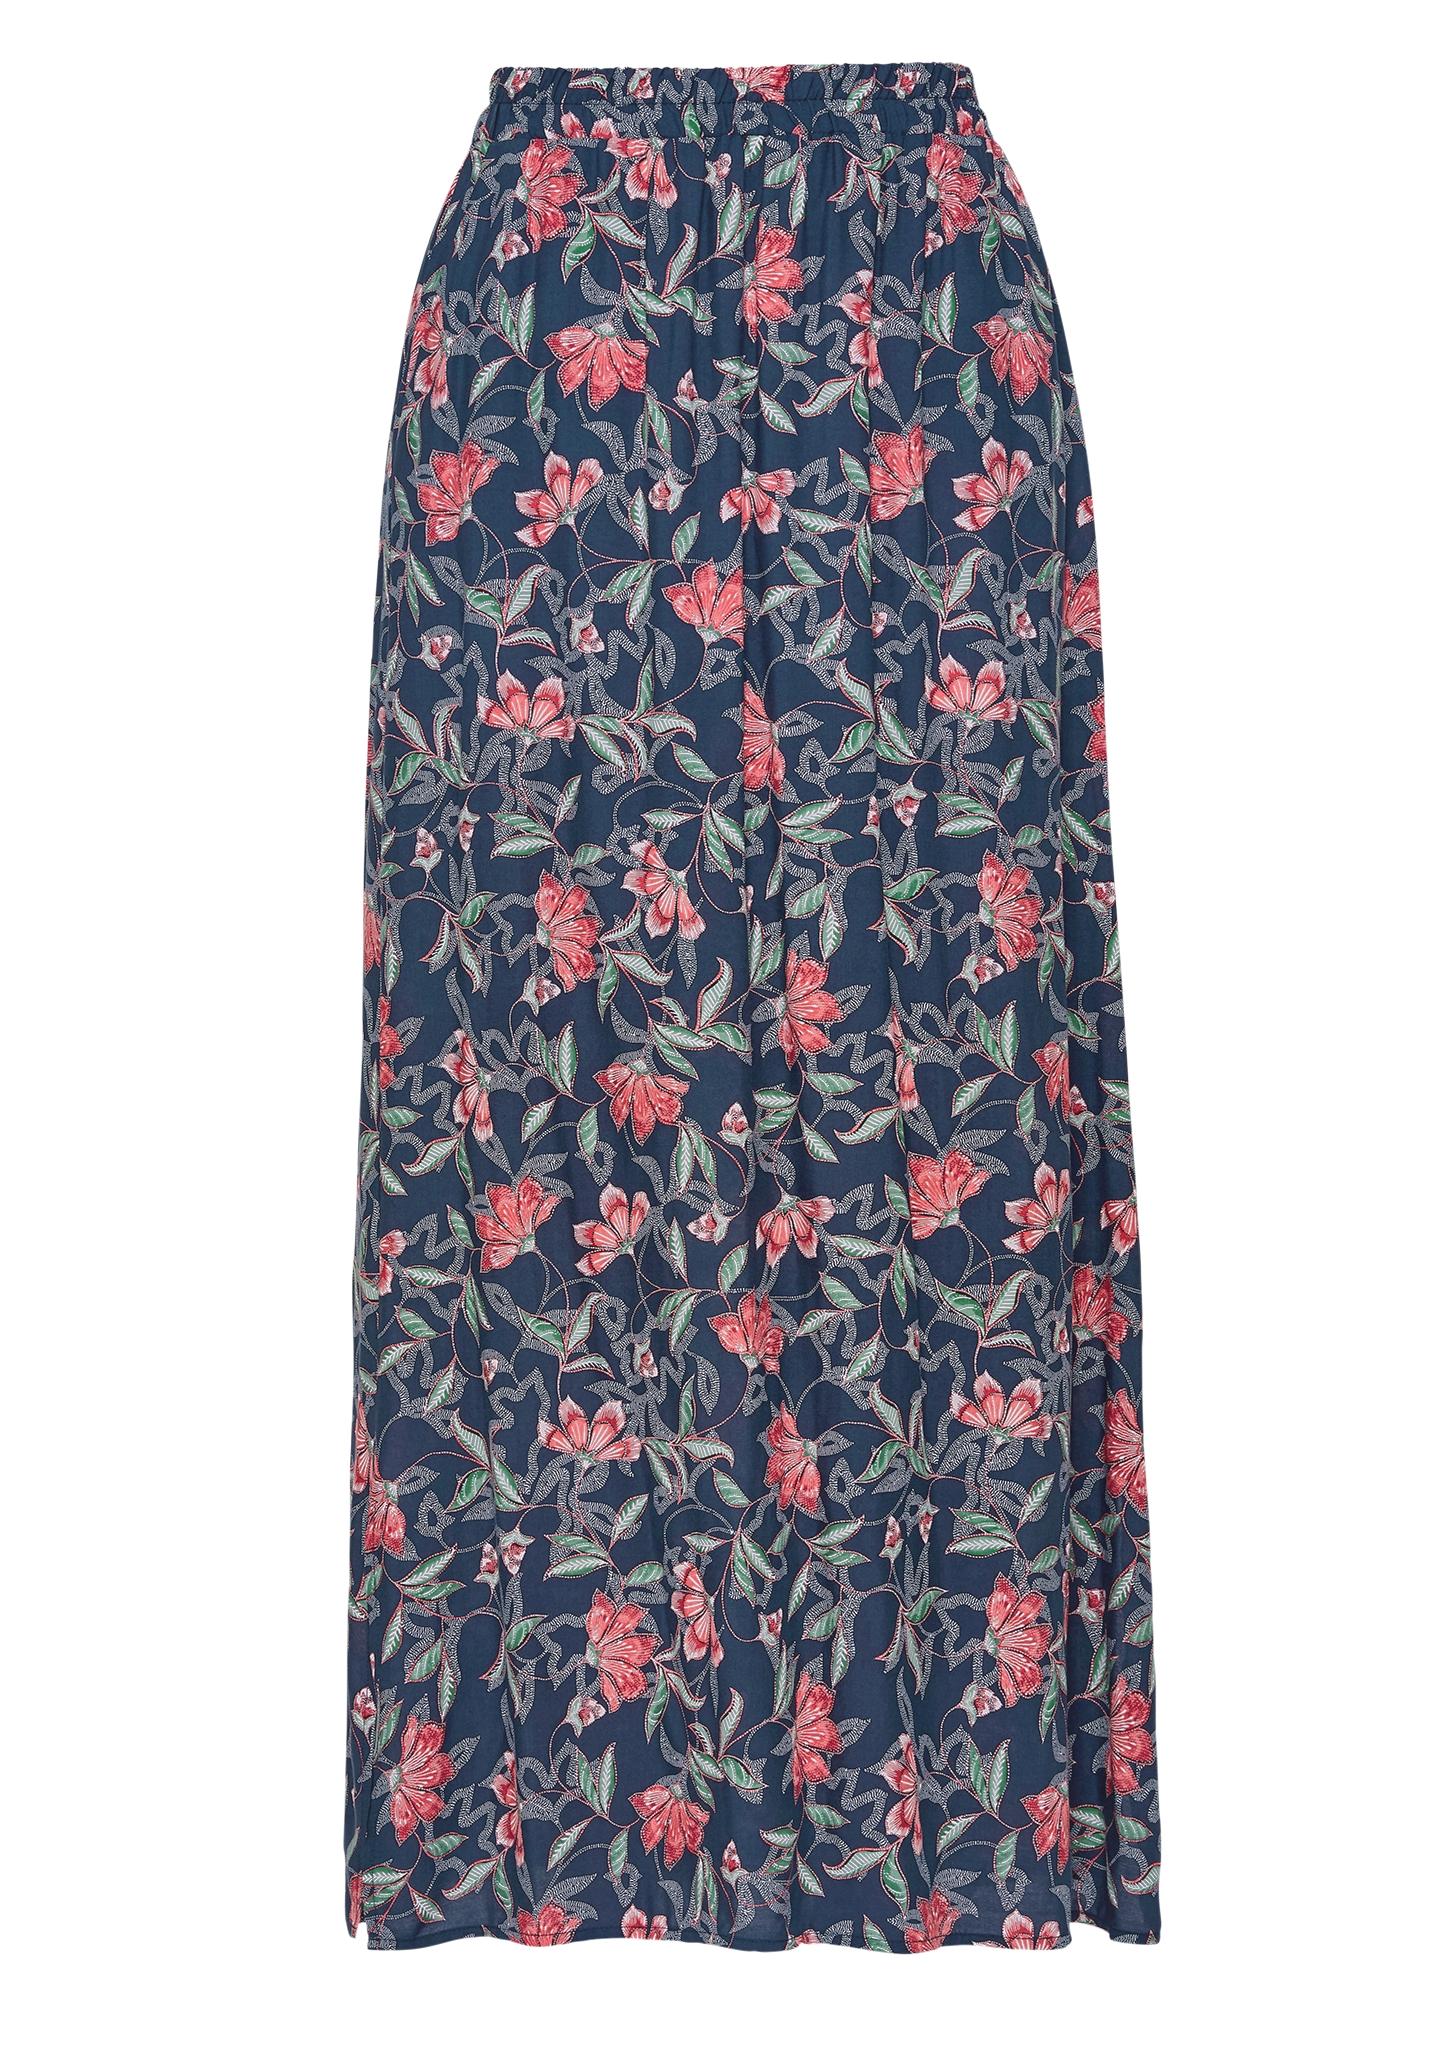 Image of Long Skirt